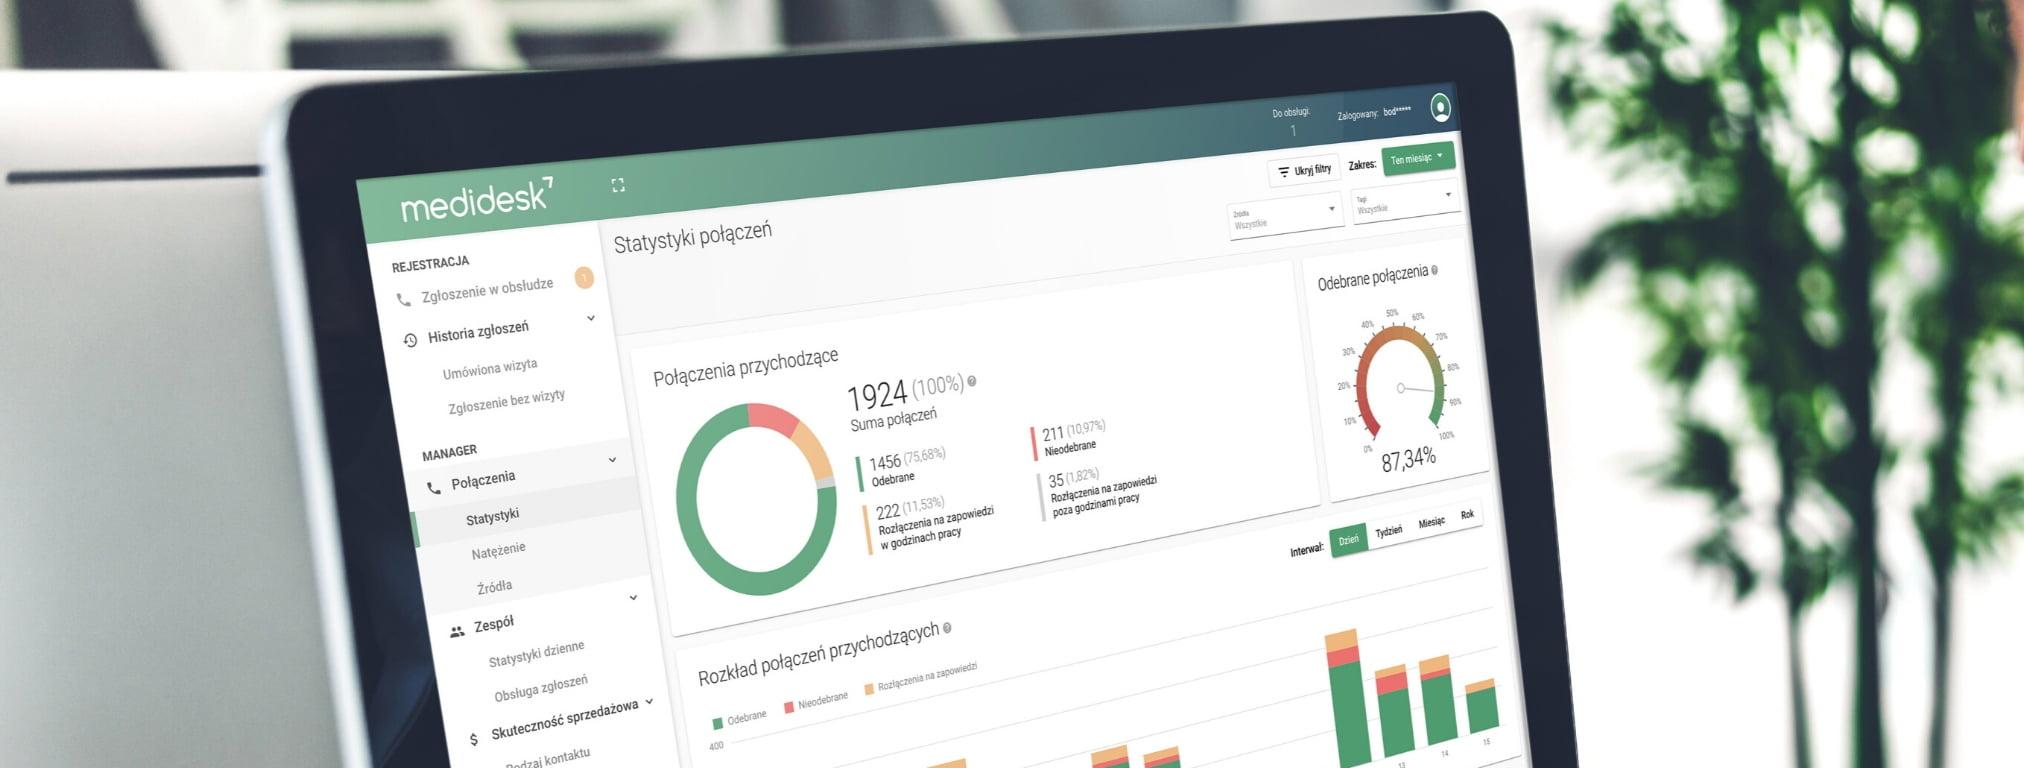 Analiza połączeń w aplikacji Medidesk